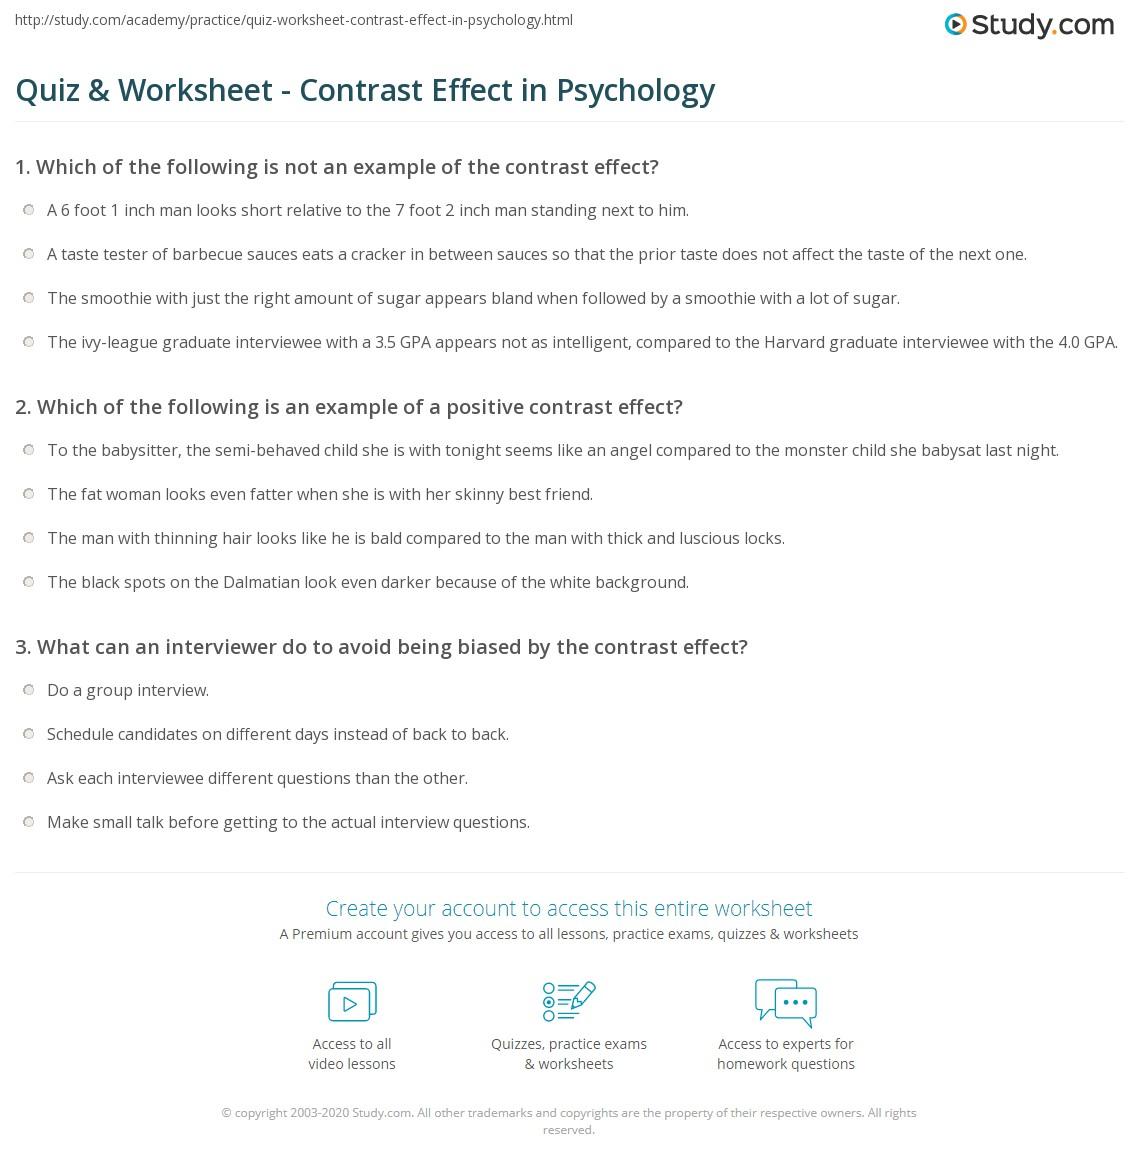 quiz worksheet contrast effect in psychology. Black Bedroom Furniture Sets. Home Design Ideas